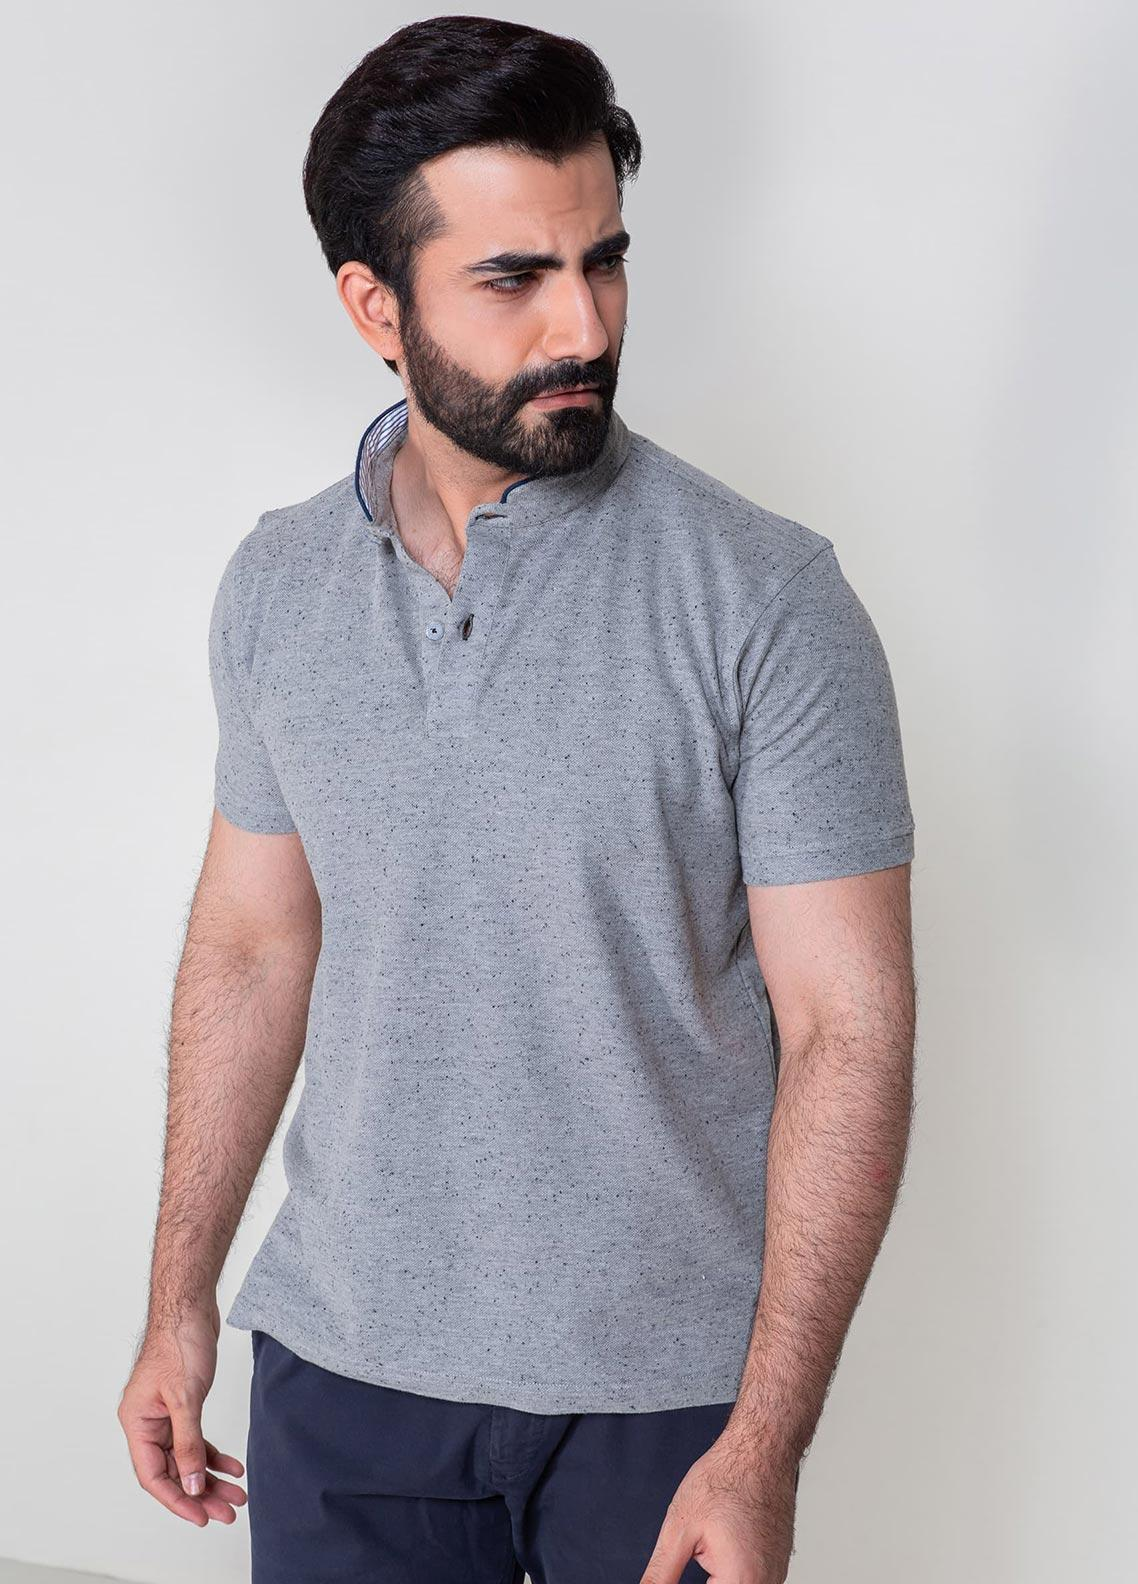 Brumano Cotton Polo Shirts for Men -  BRM-104